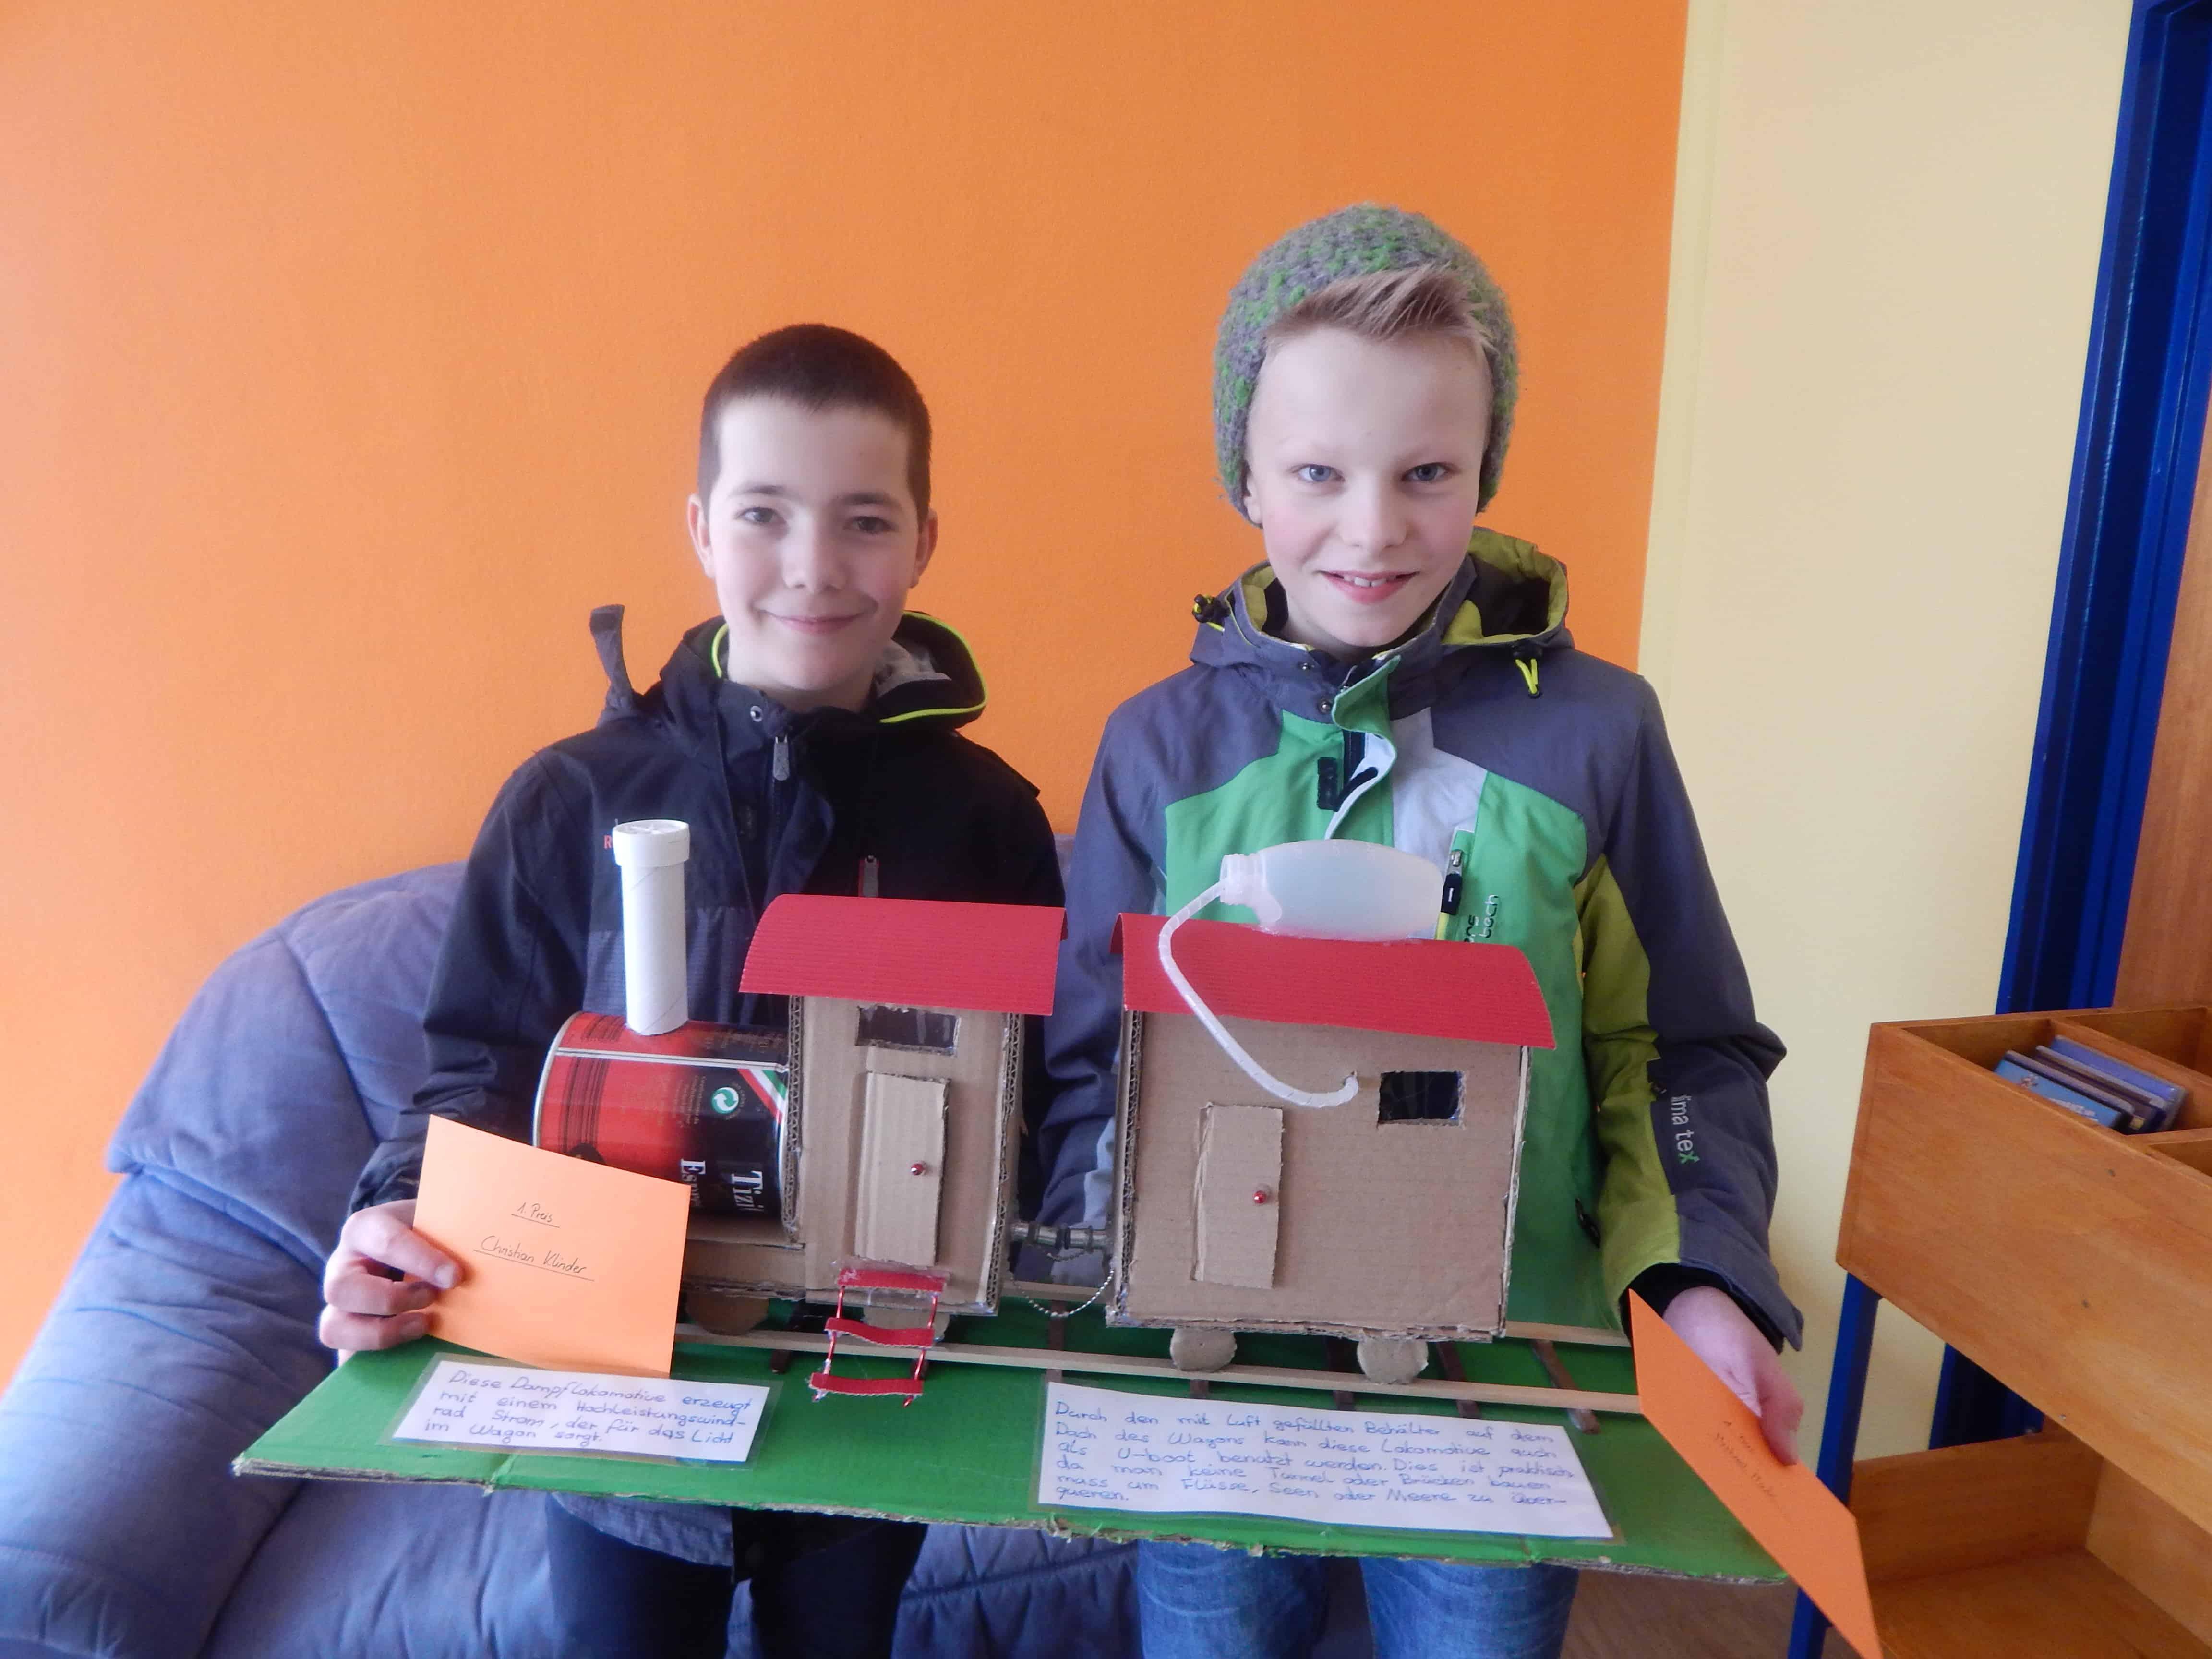 Preisträger des Erfinderwettbewerbs der Schülerbibliothek